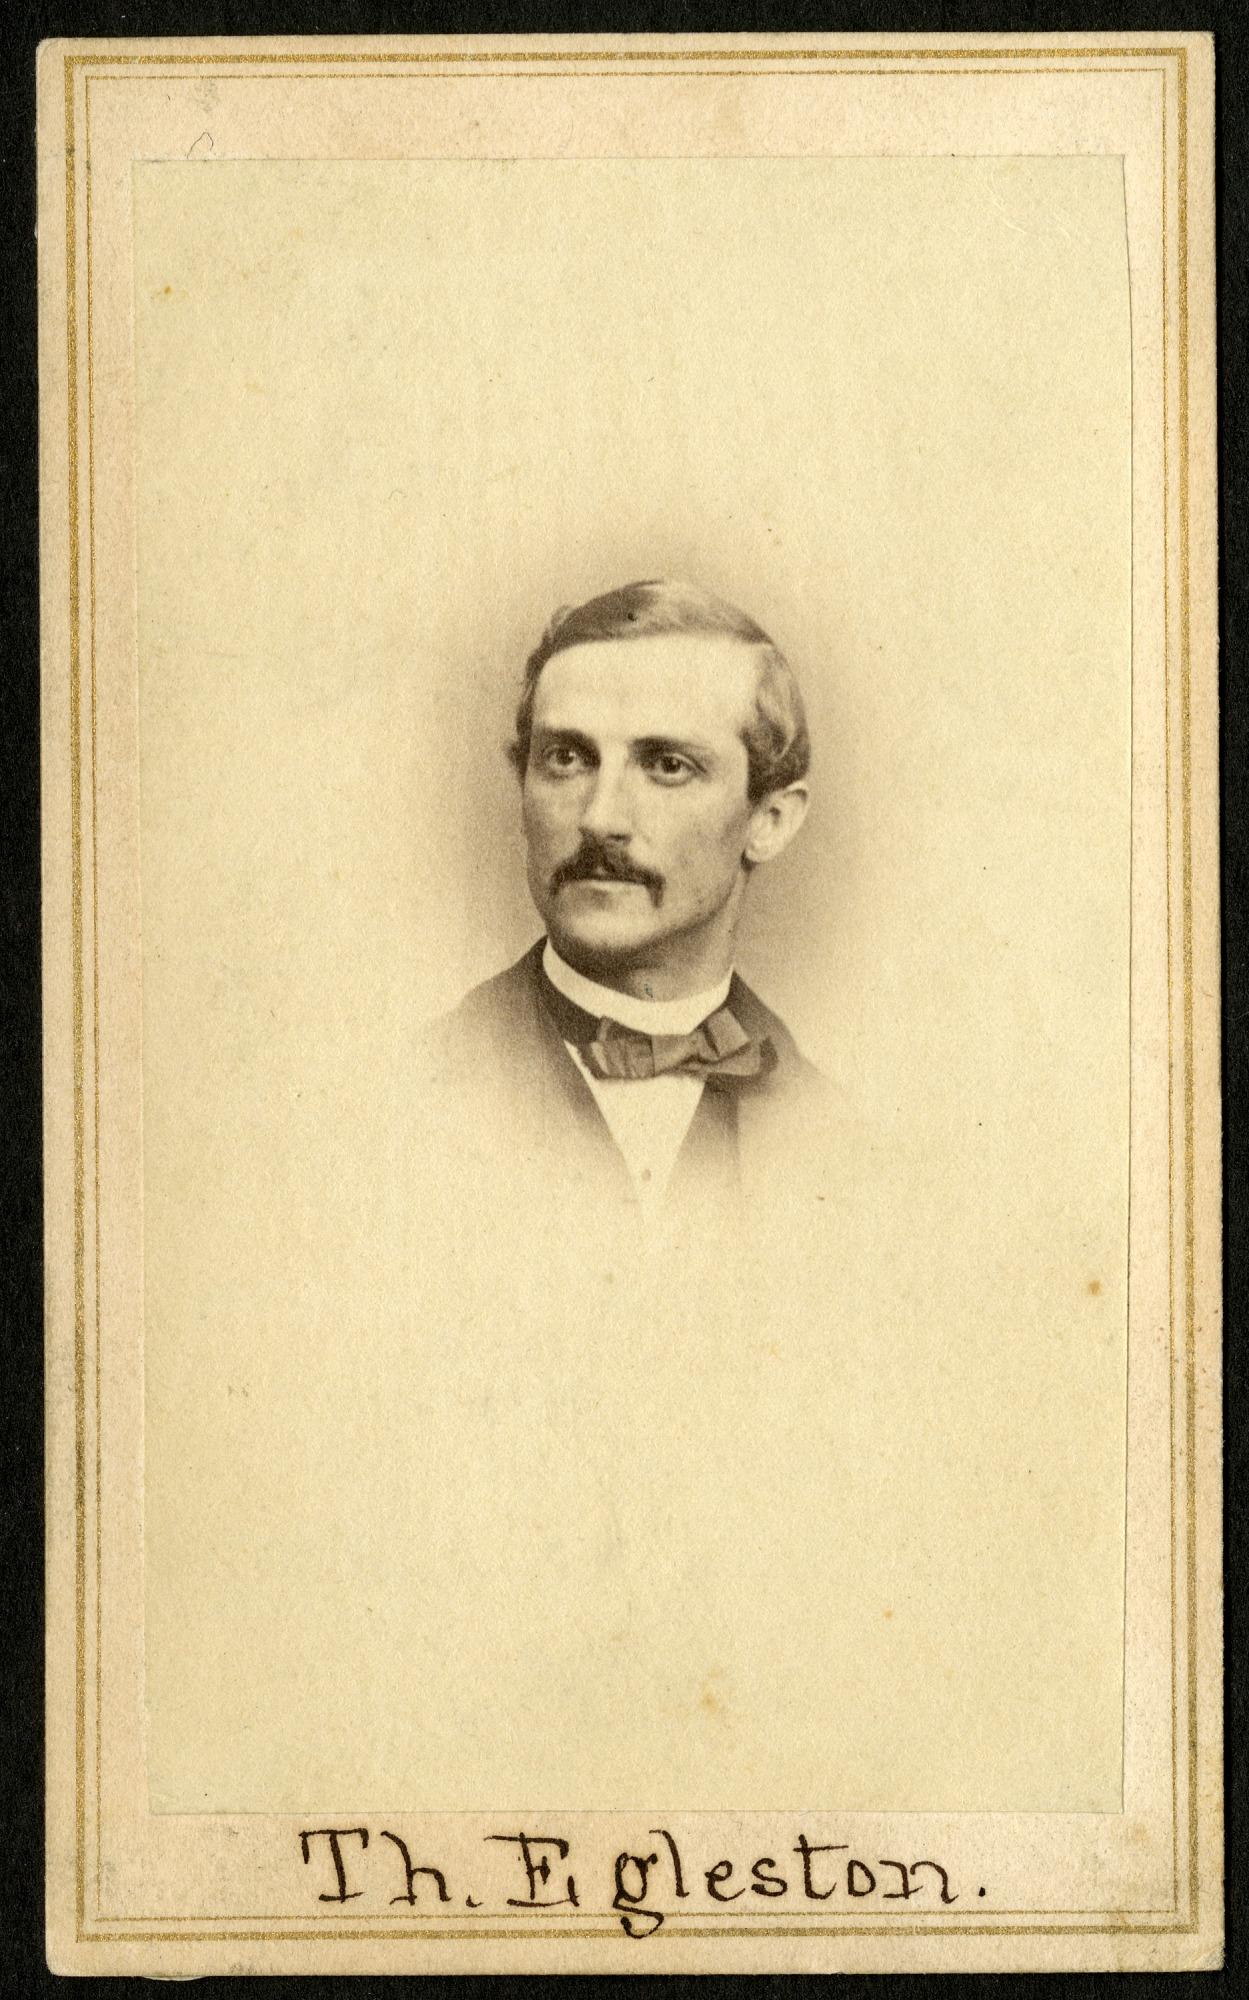 Thomas Egleston (1832-1900), Smithsonian Institution Archives, SIA RU000095 [SA-508].